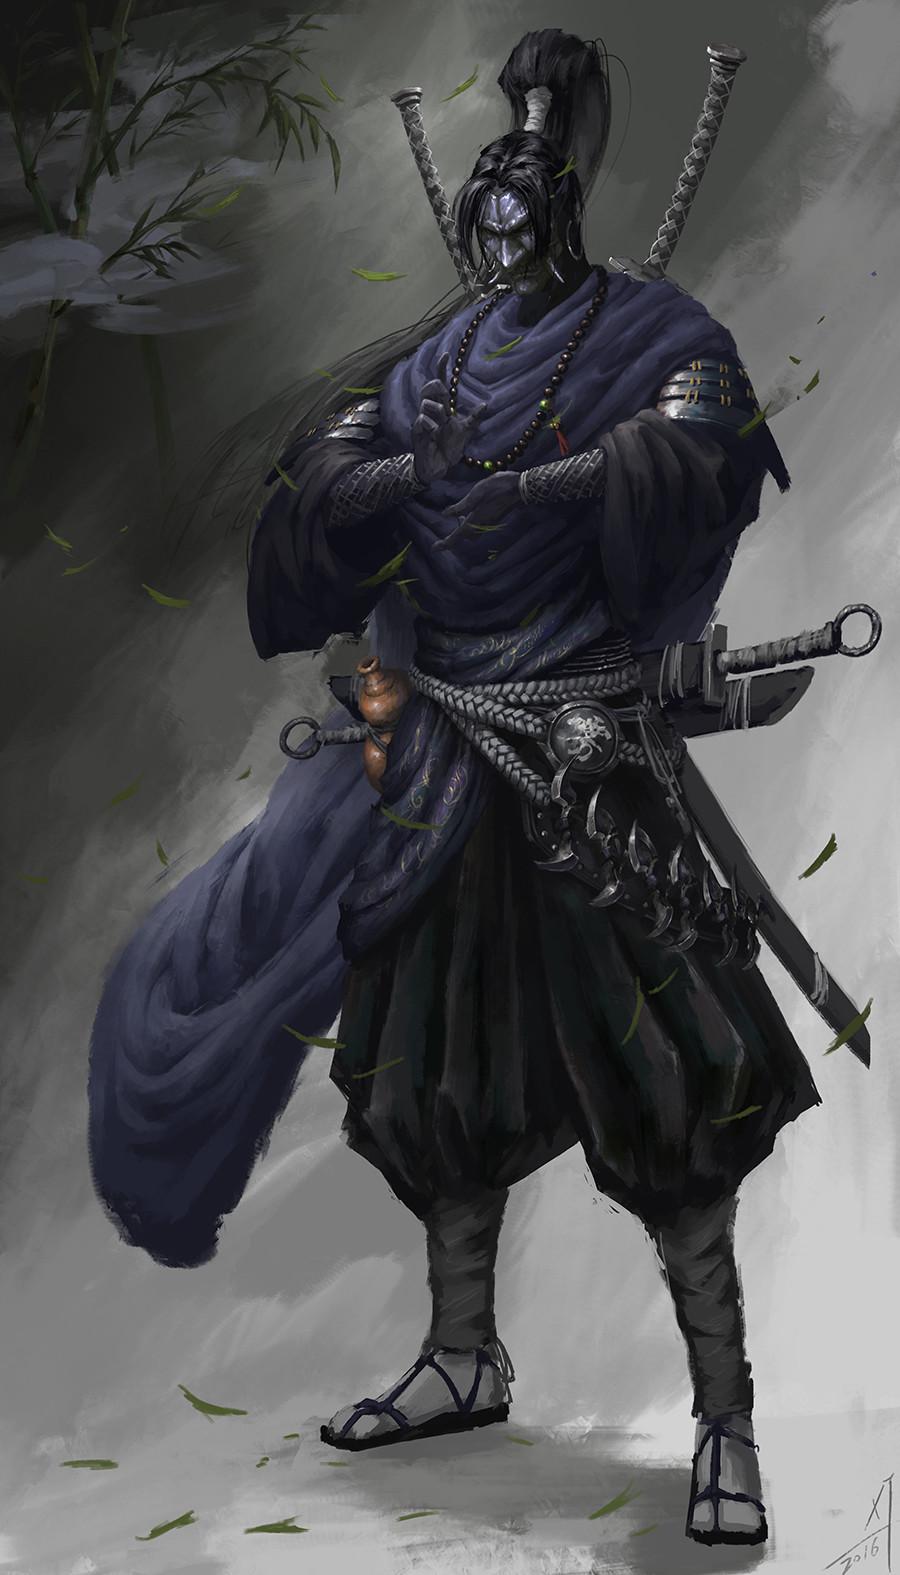 查看《Ninja概念设计2016》原图,原图尺寸:900x1575